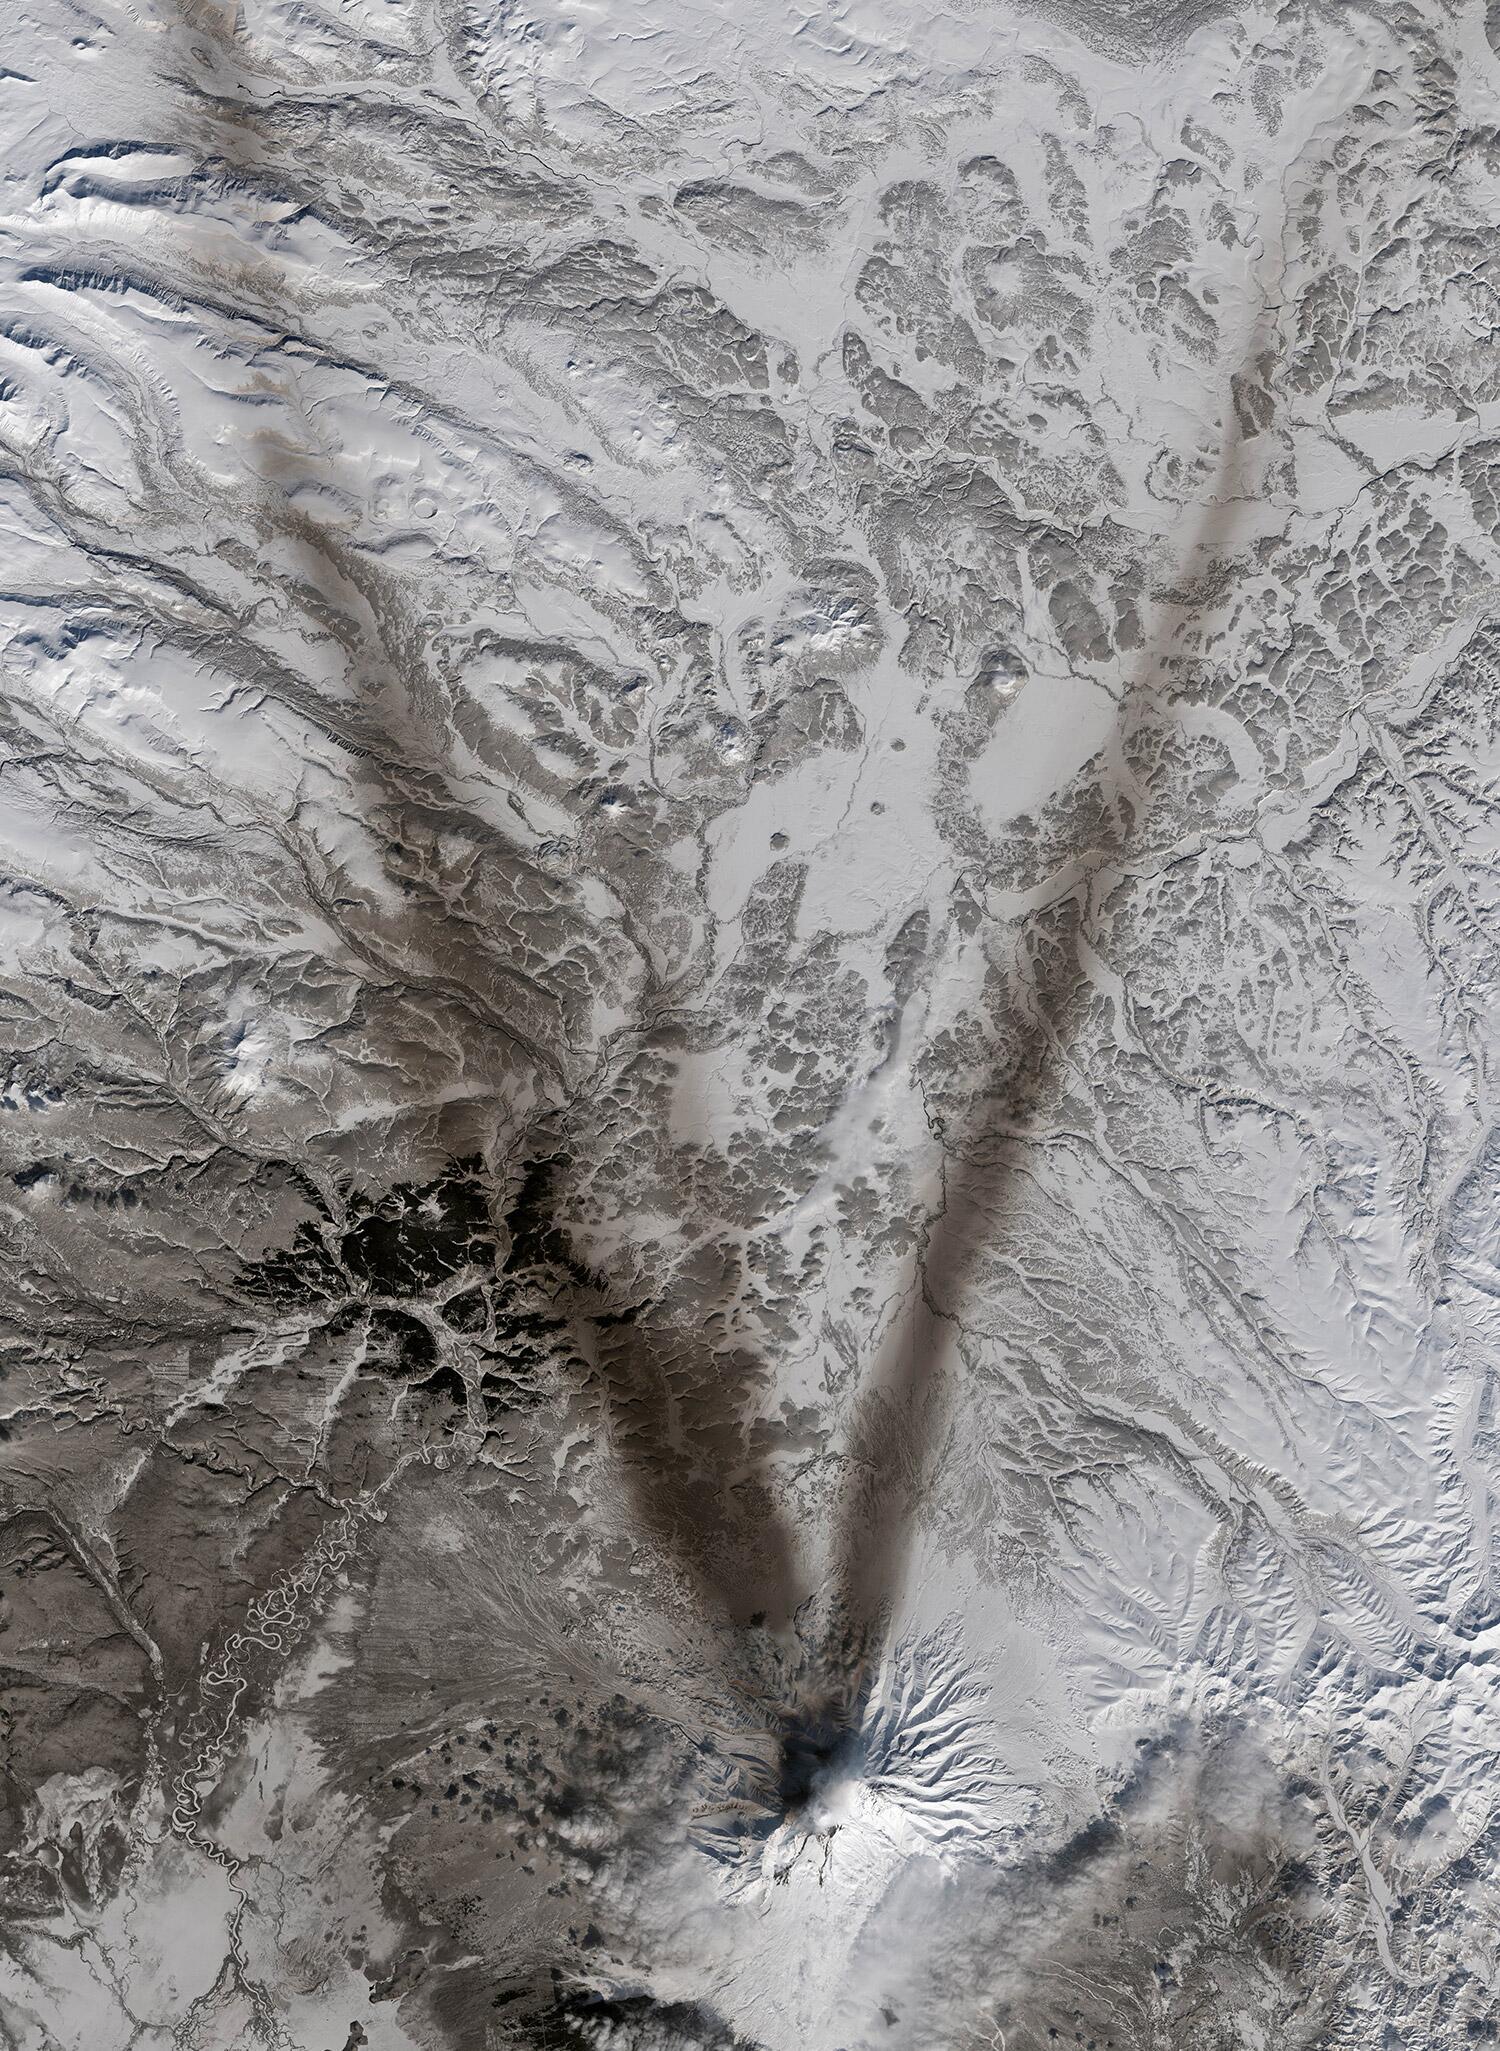 Bild zu Shiveluch-Vulkan